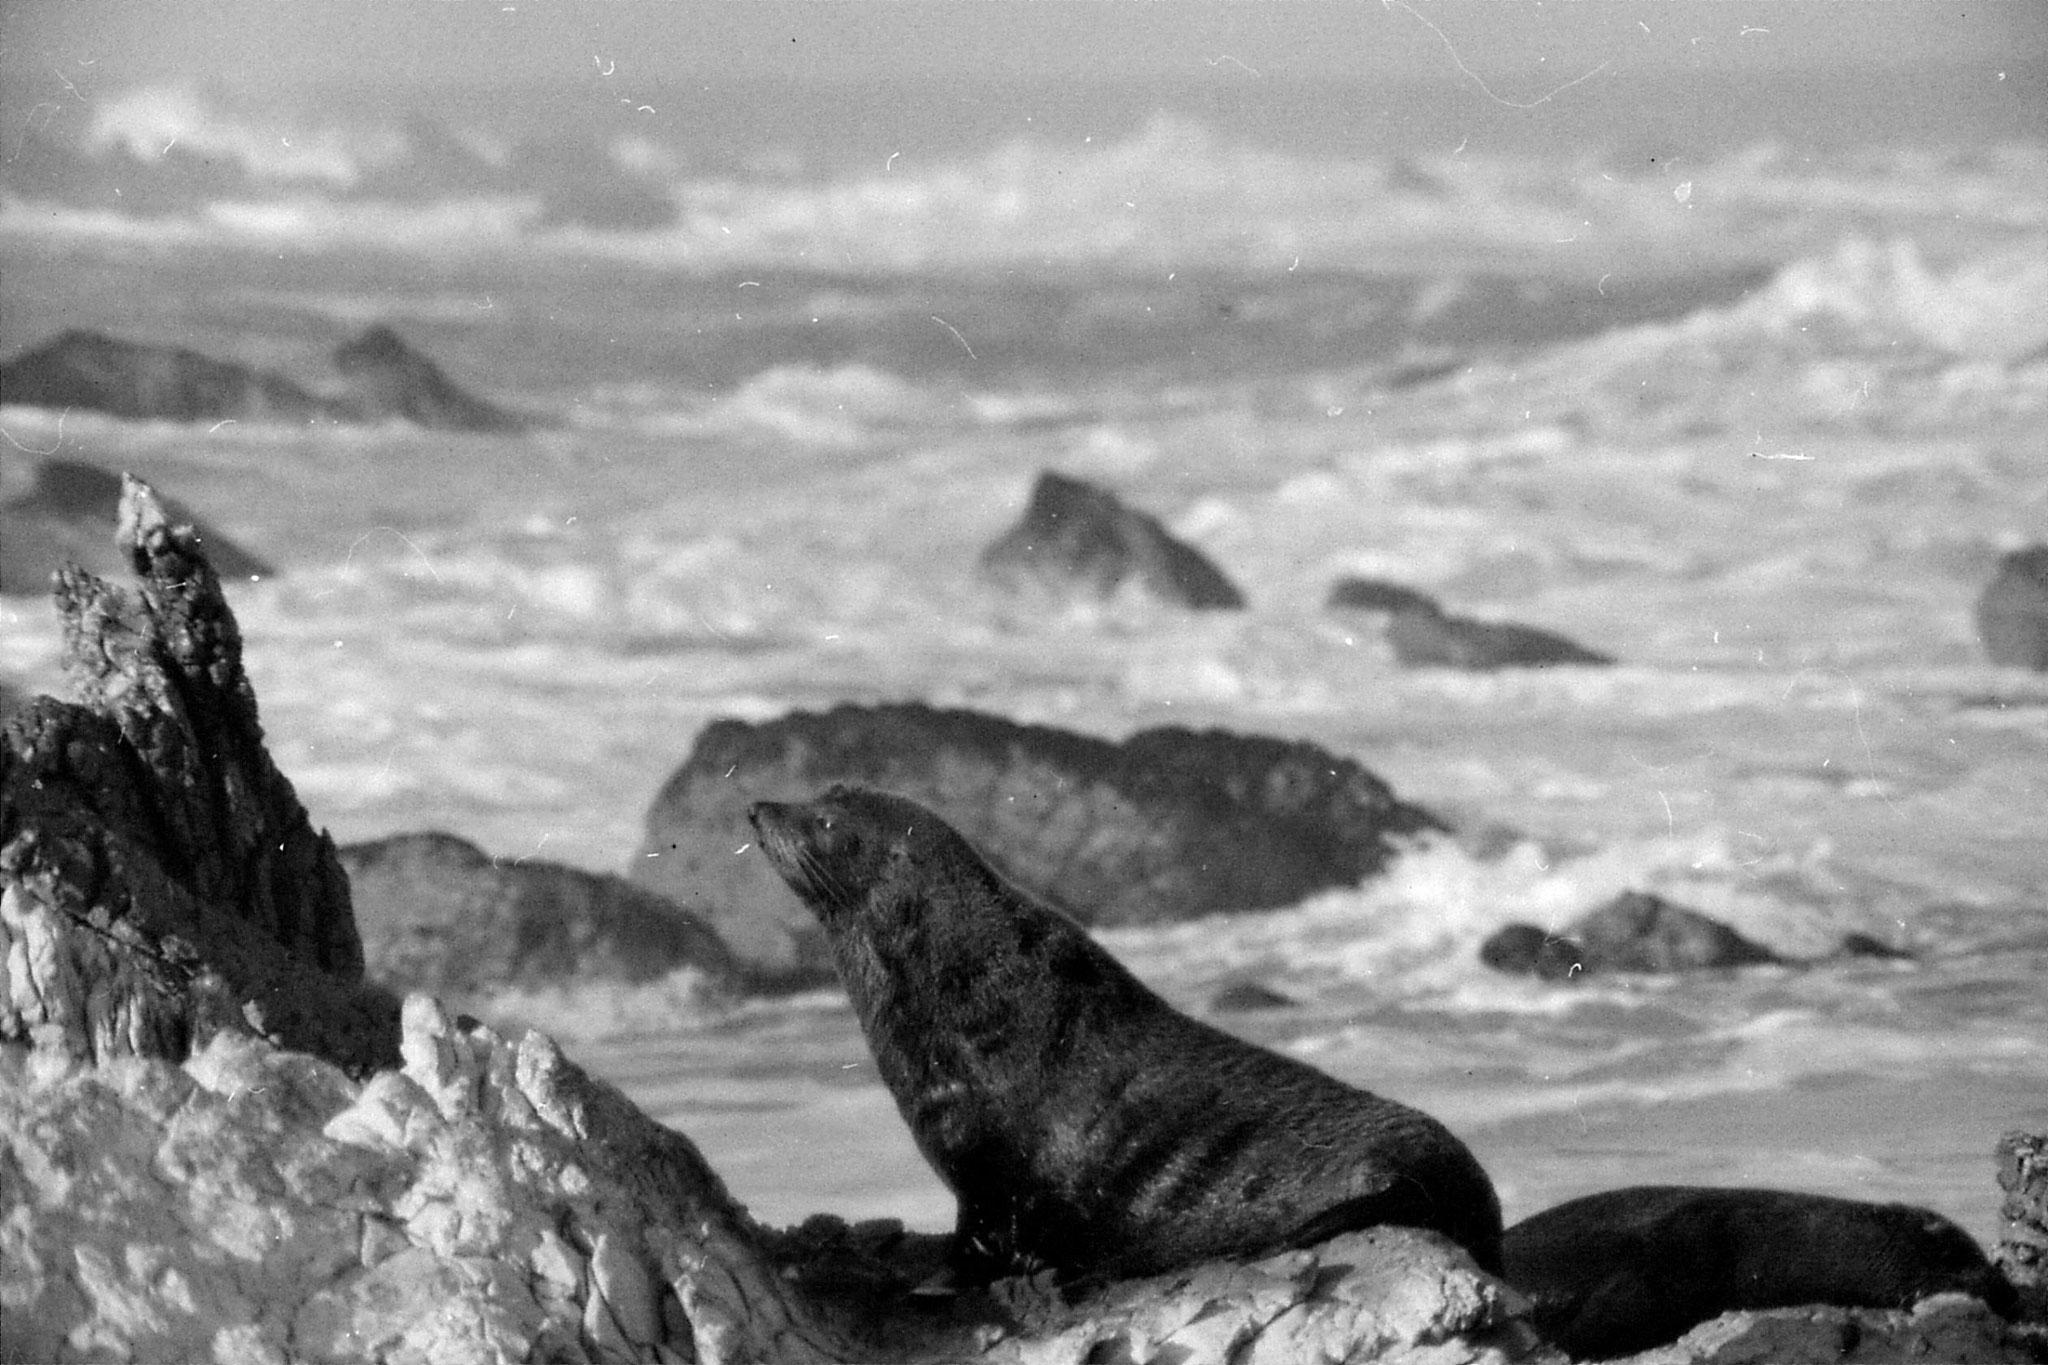 9/8/1990: 3: Kaikoura seals